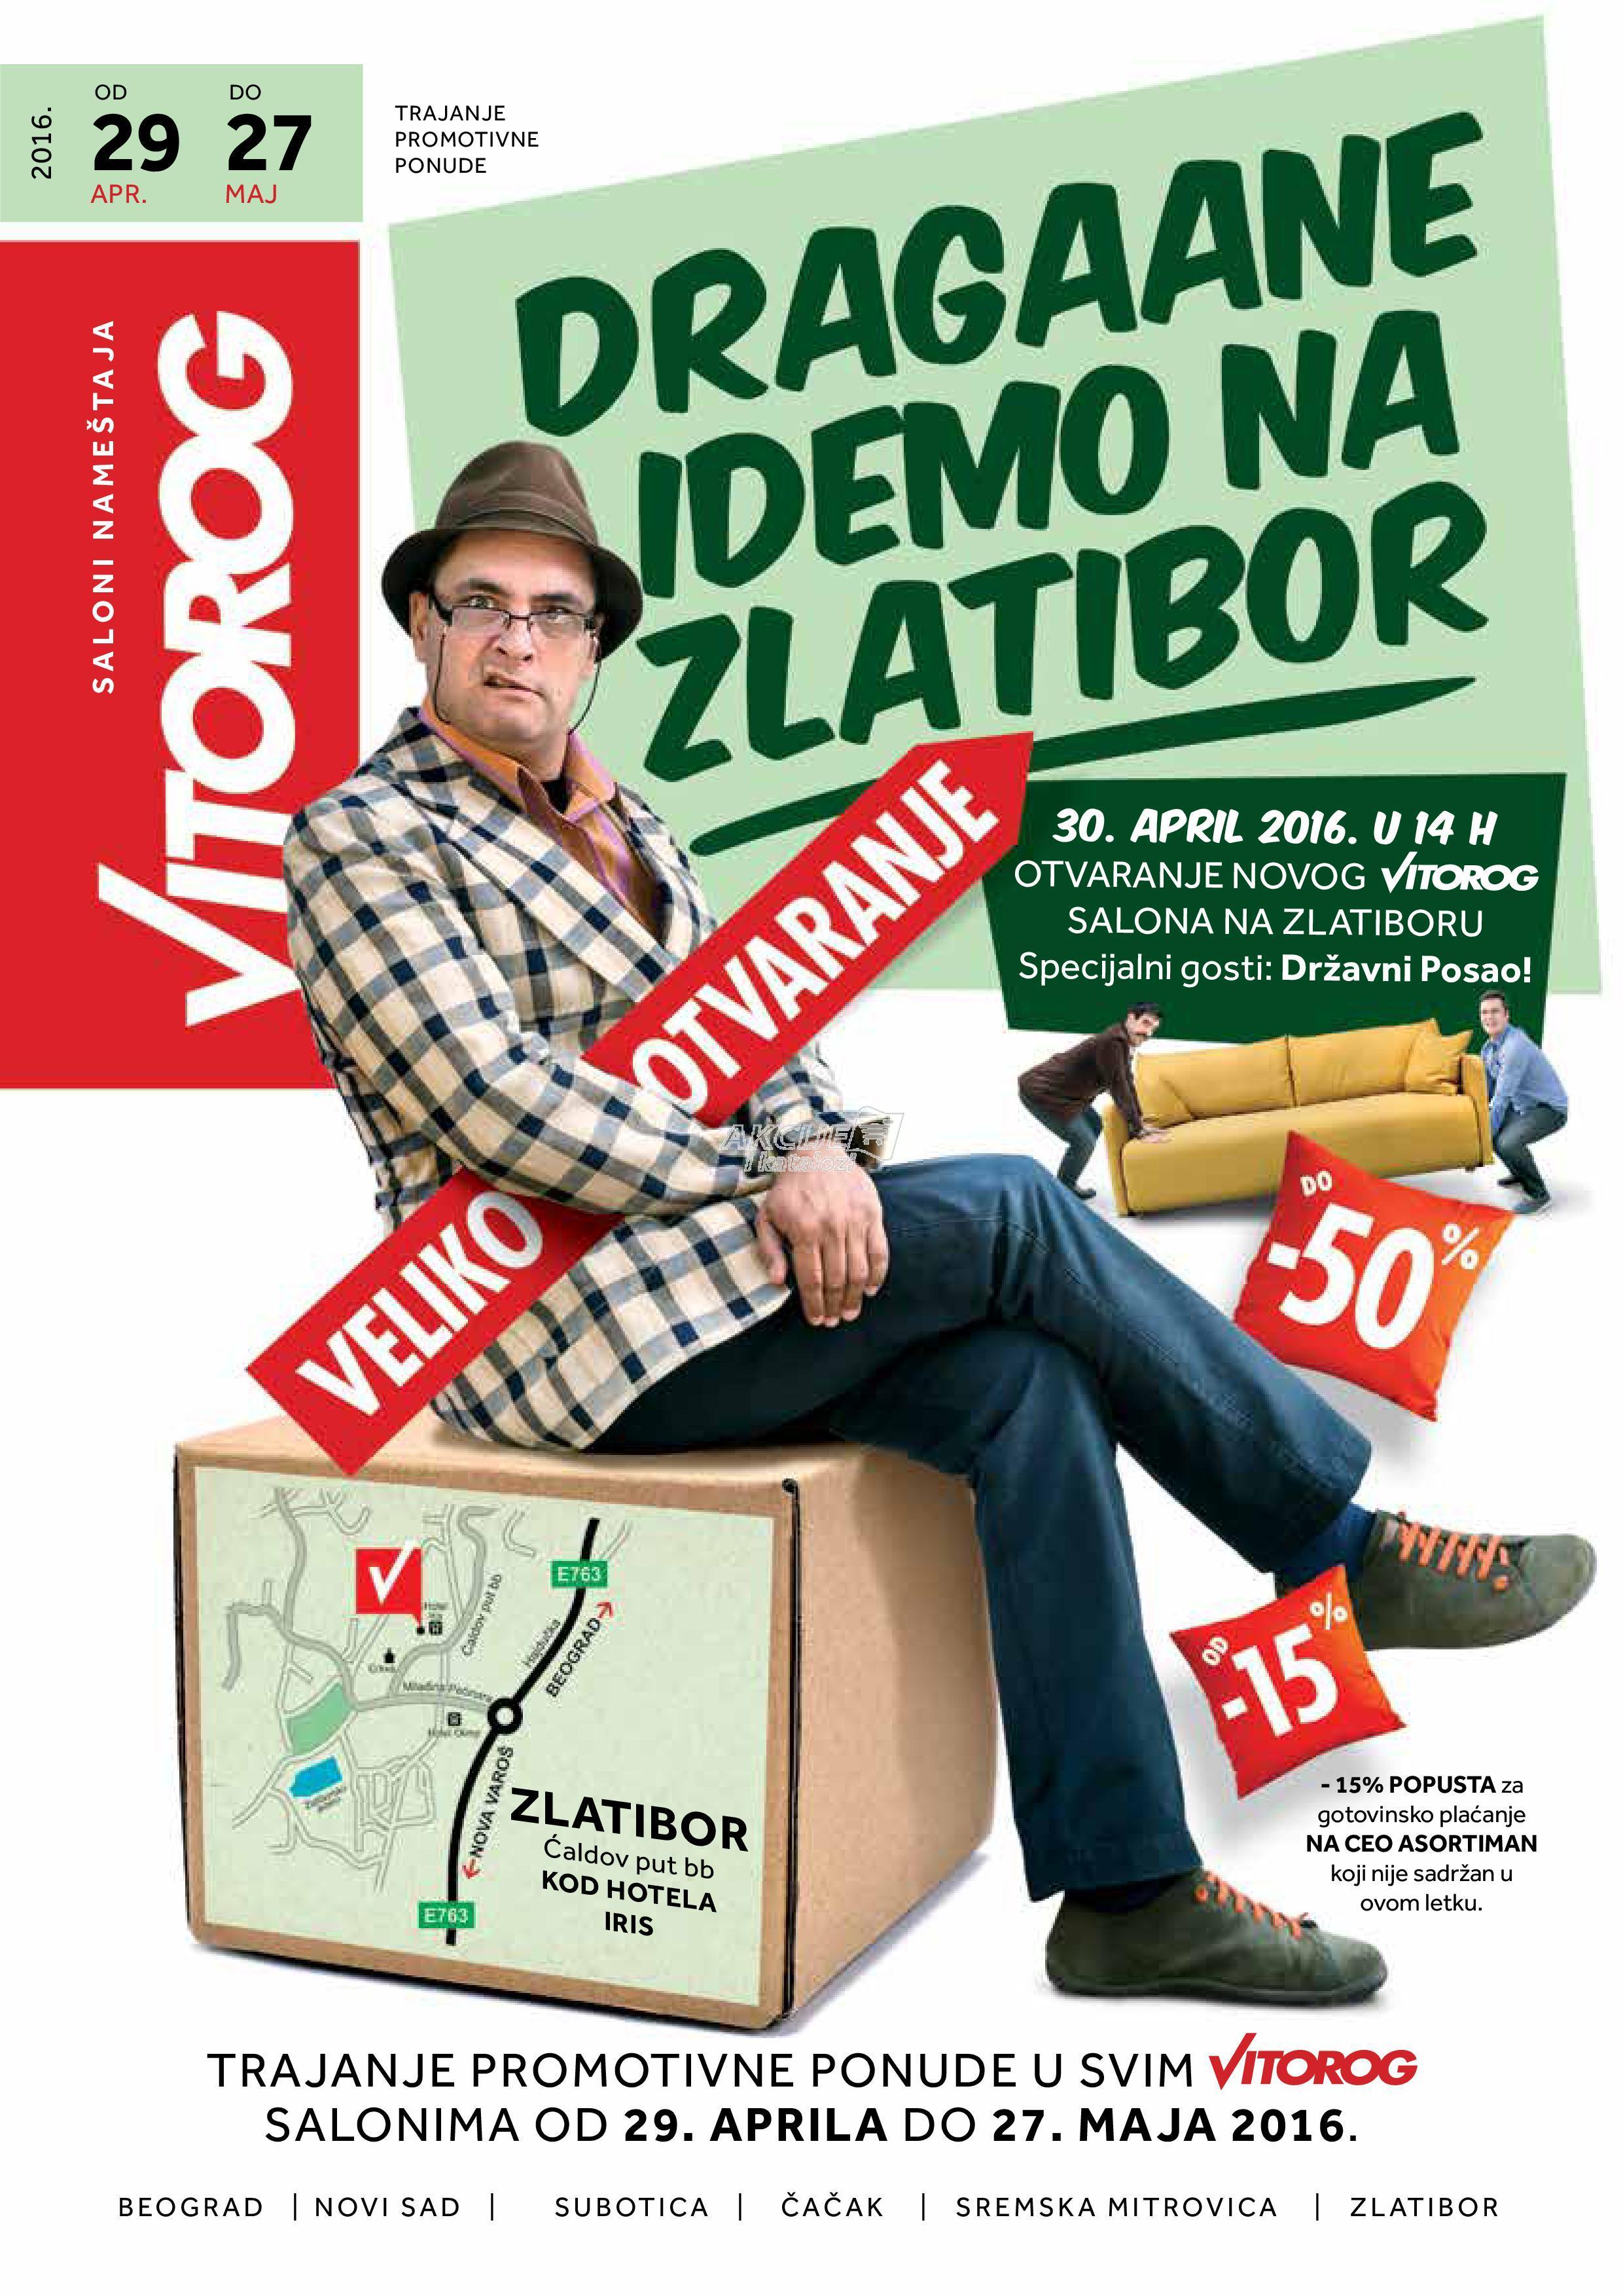 Vitorog - Redovna akcija super kupovine